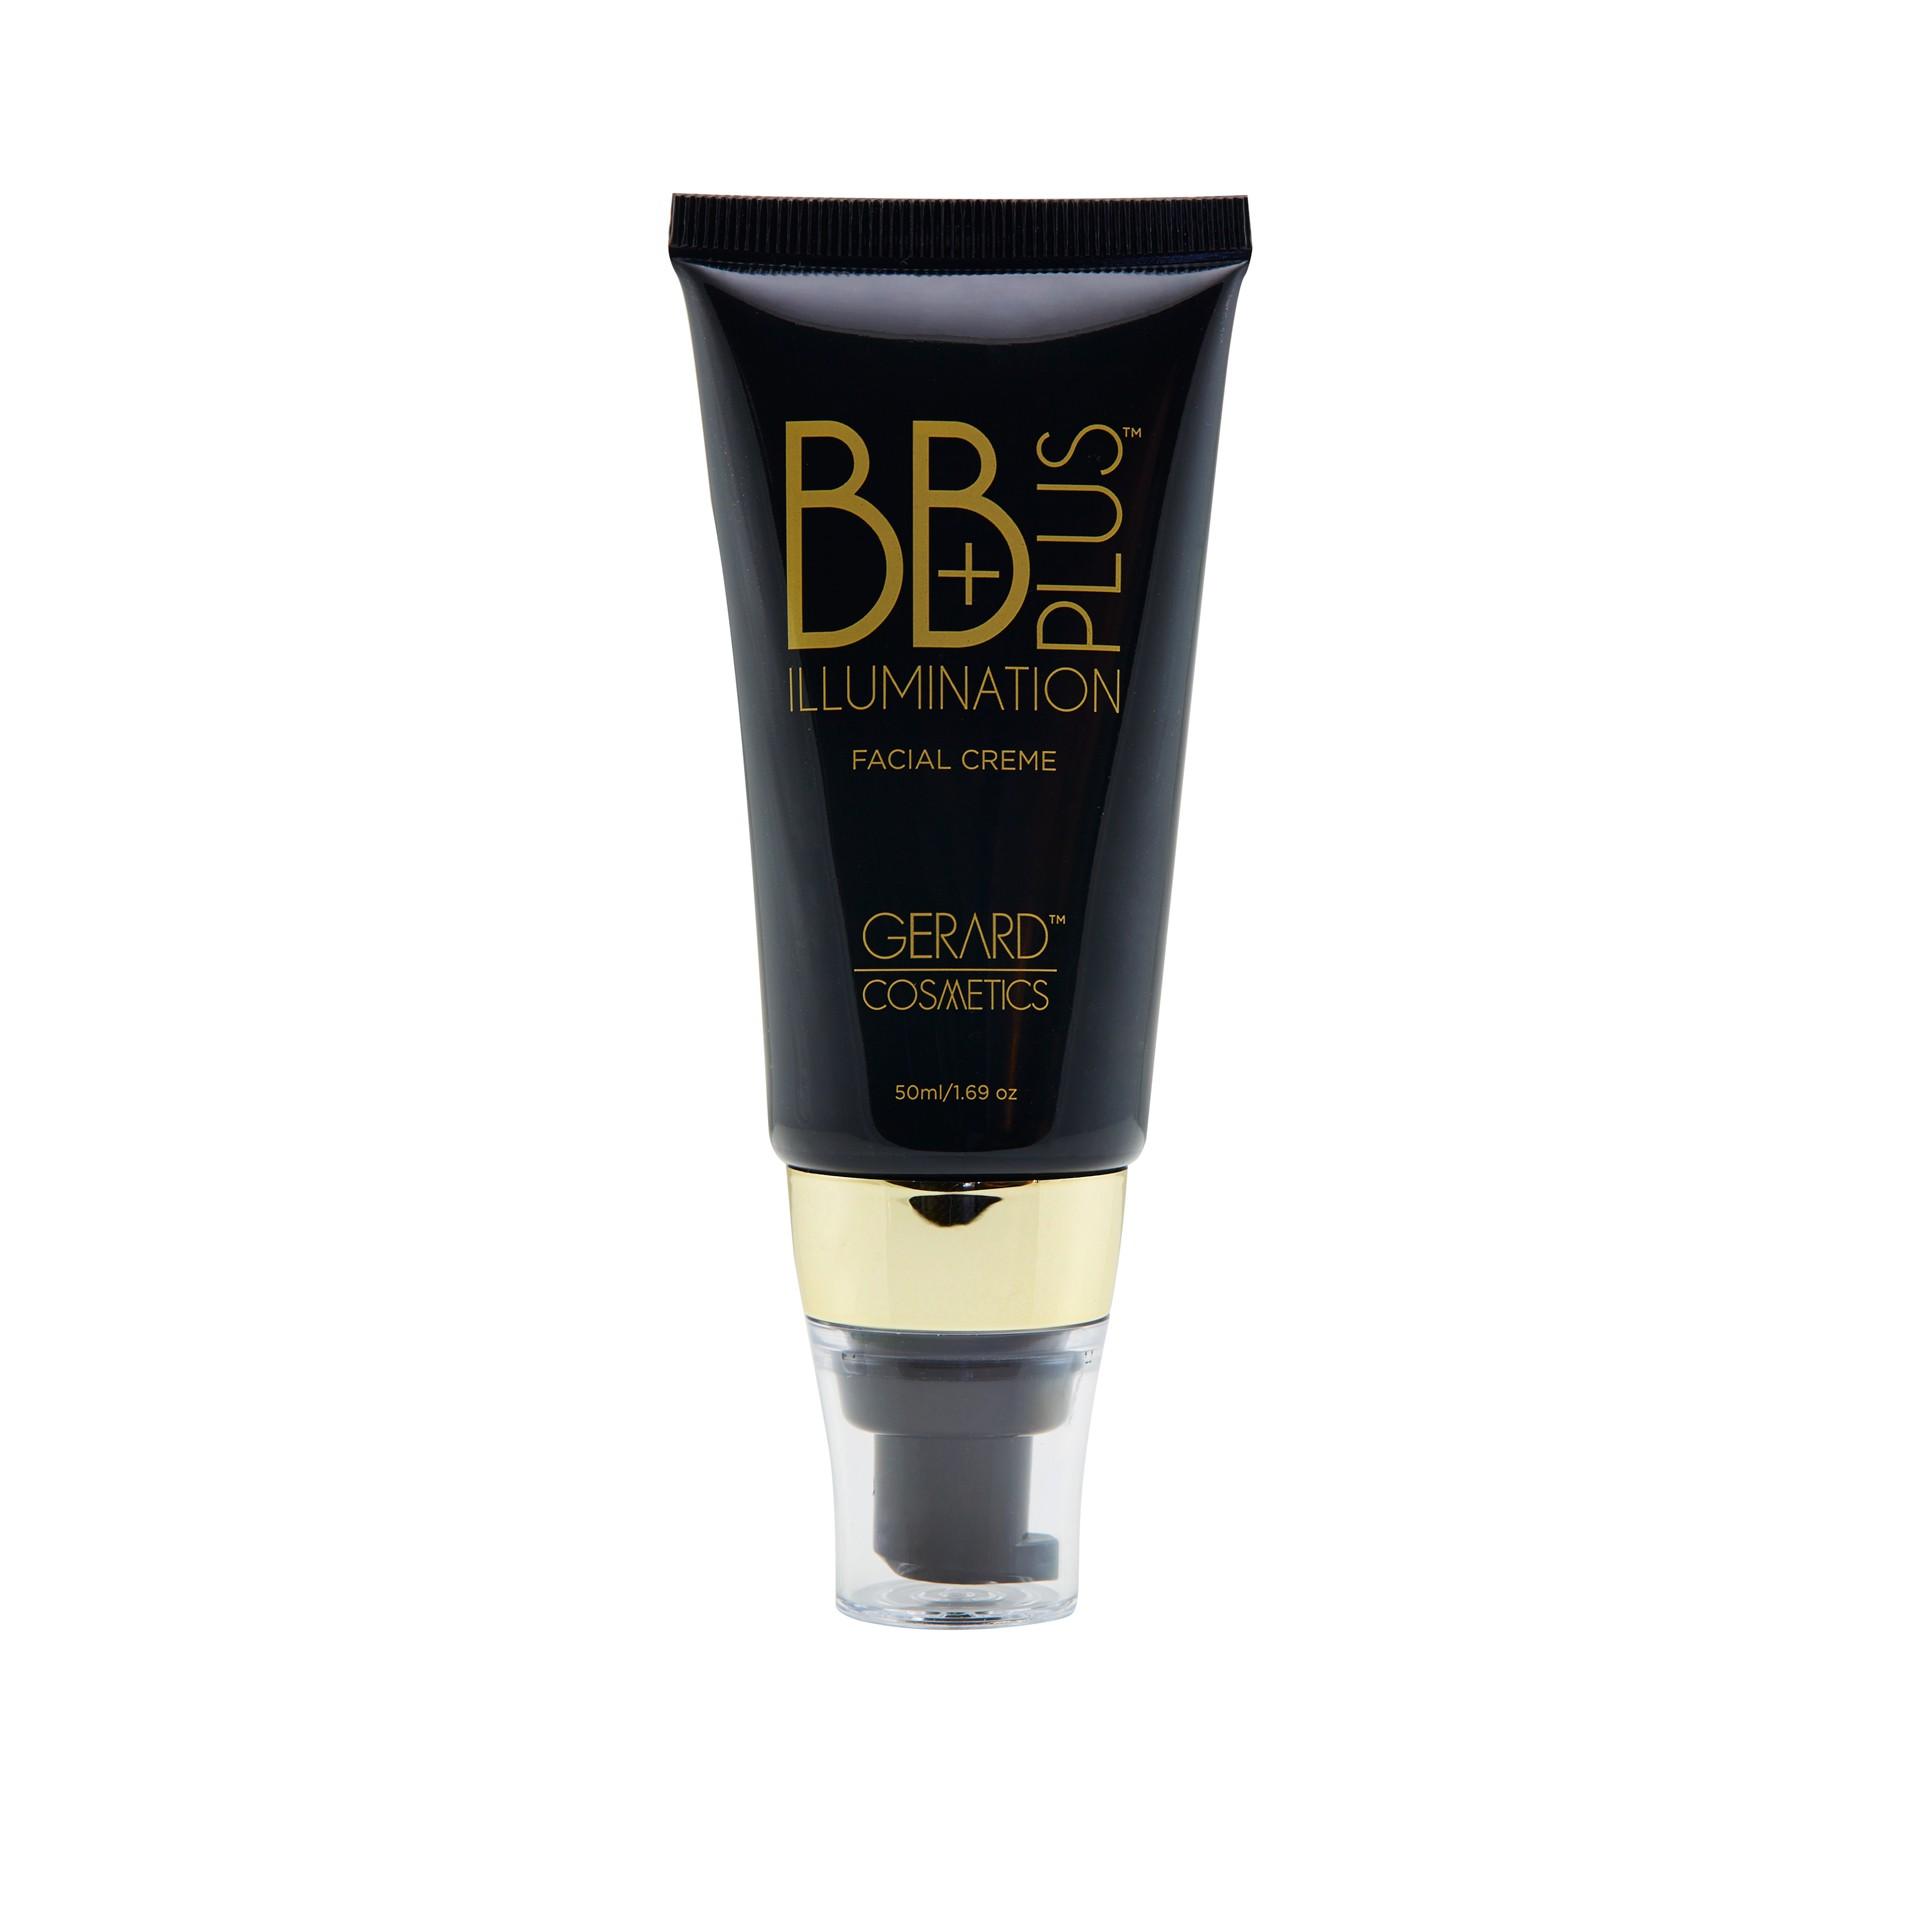 Gerard Cosmetics BB Plus Illumination Creme